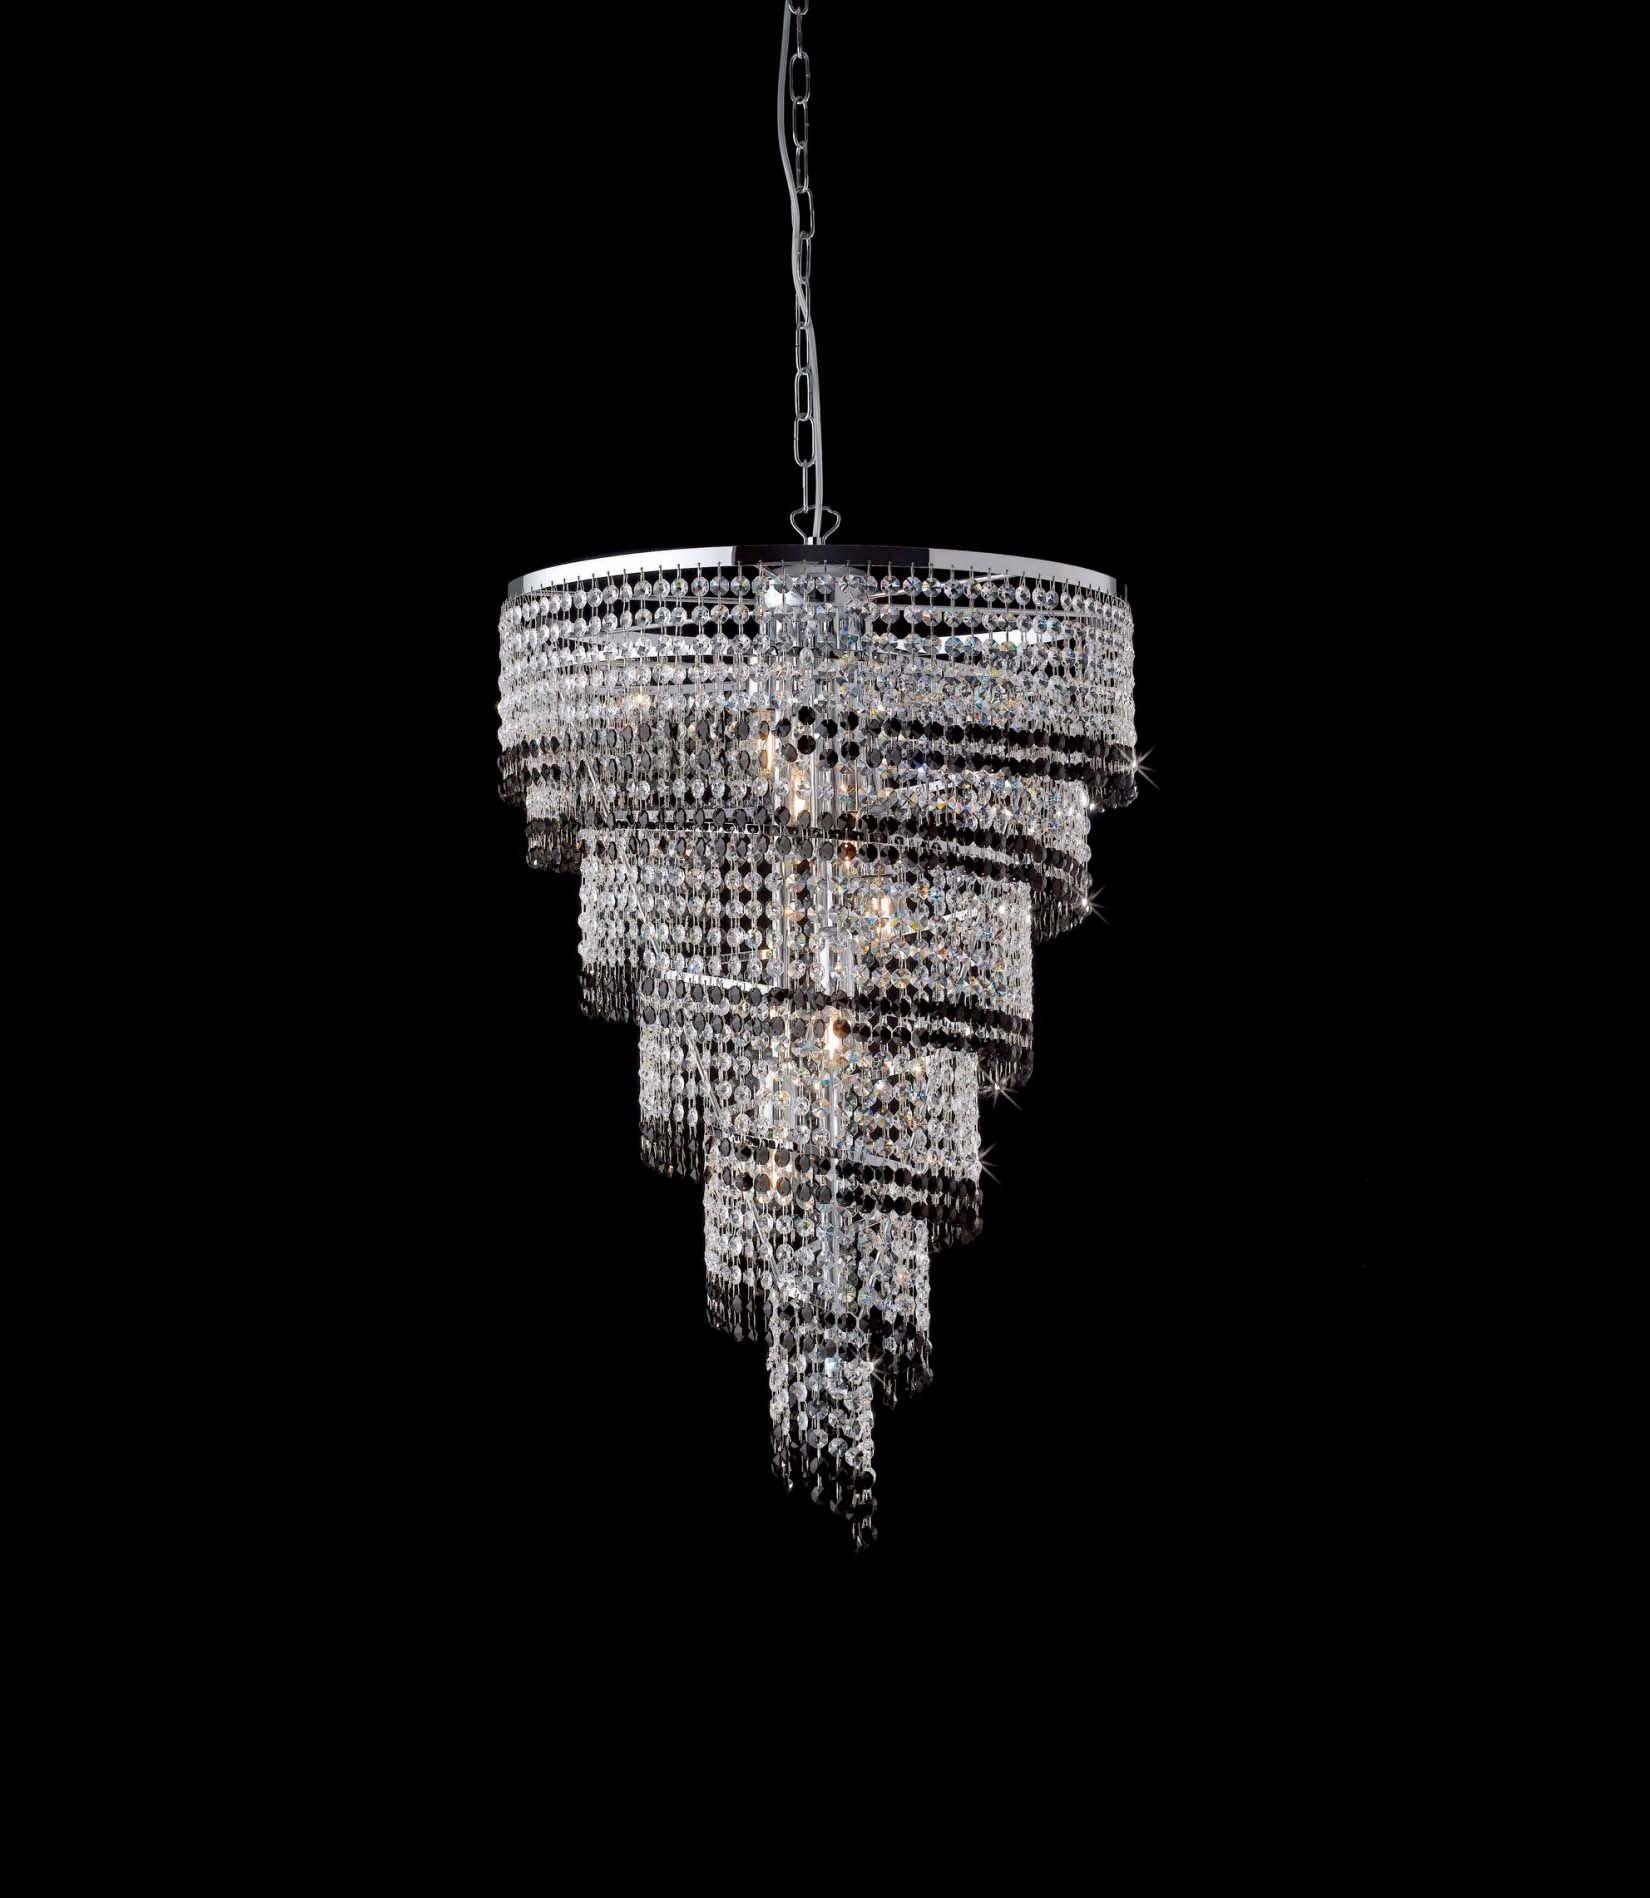 Lampadari Moderni Eleganti.Lampadario Moderno In Cristallo Trasparente E Nero 6 Luci